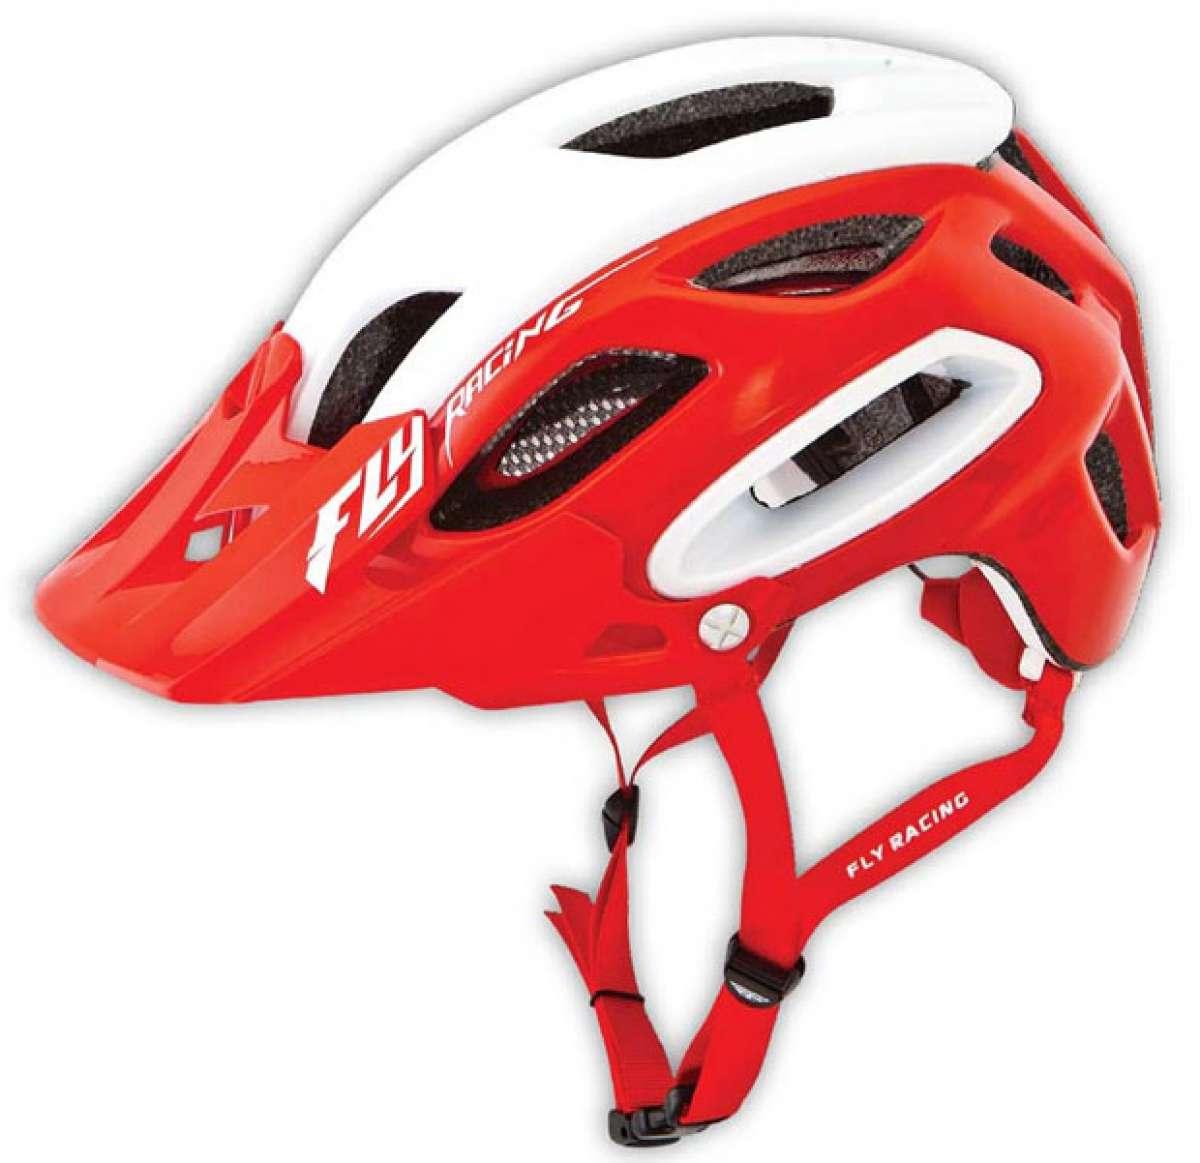 Fly Racing Freestone: El primer (y nuevo) casco para XC/Enduro de Fly Racing